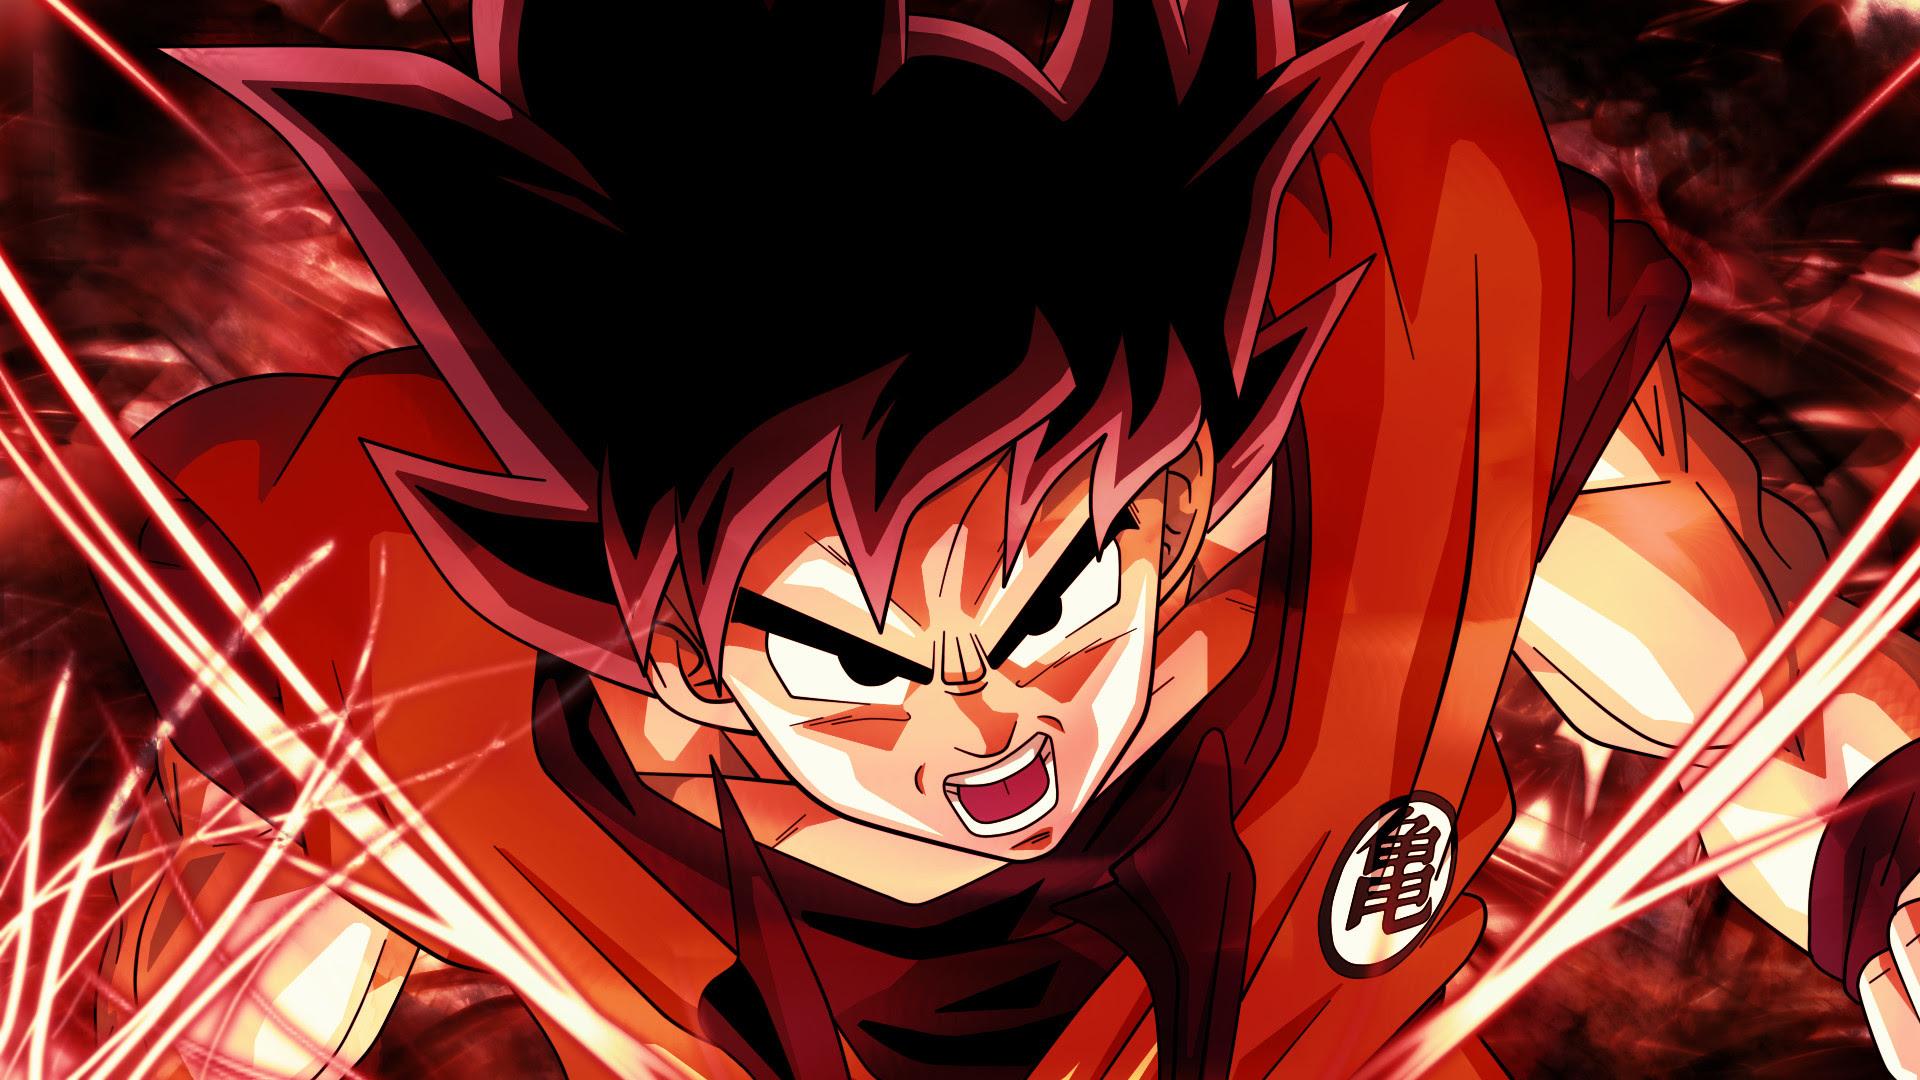 Goku Hd Wallpaper 4k For Pc Gambarku